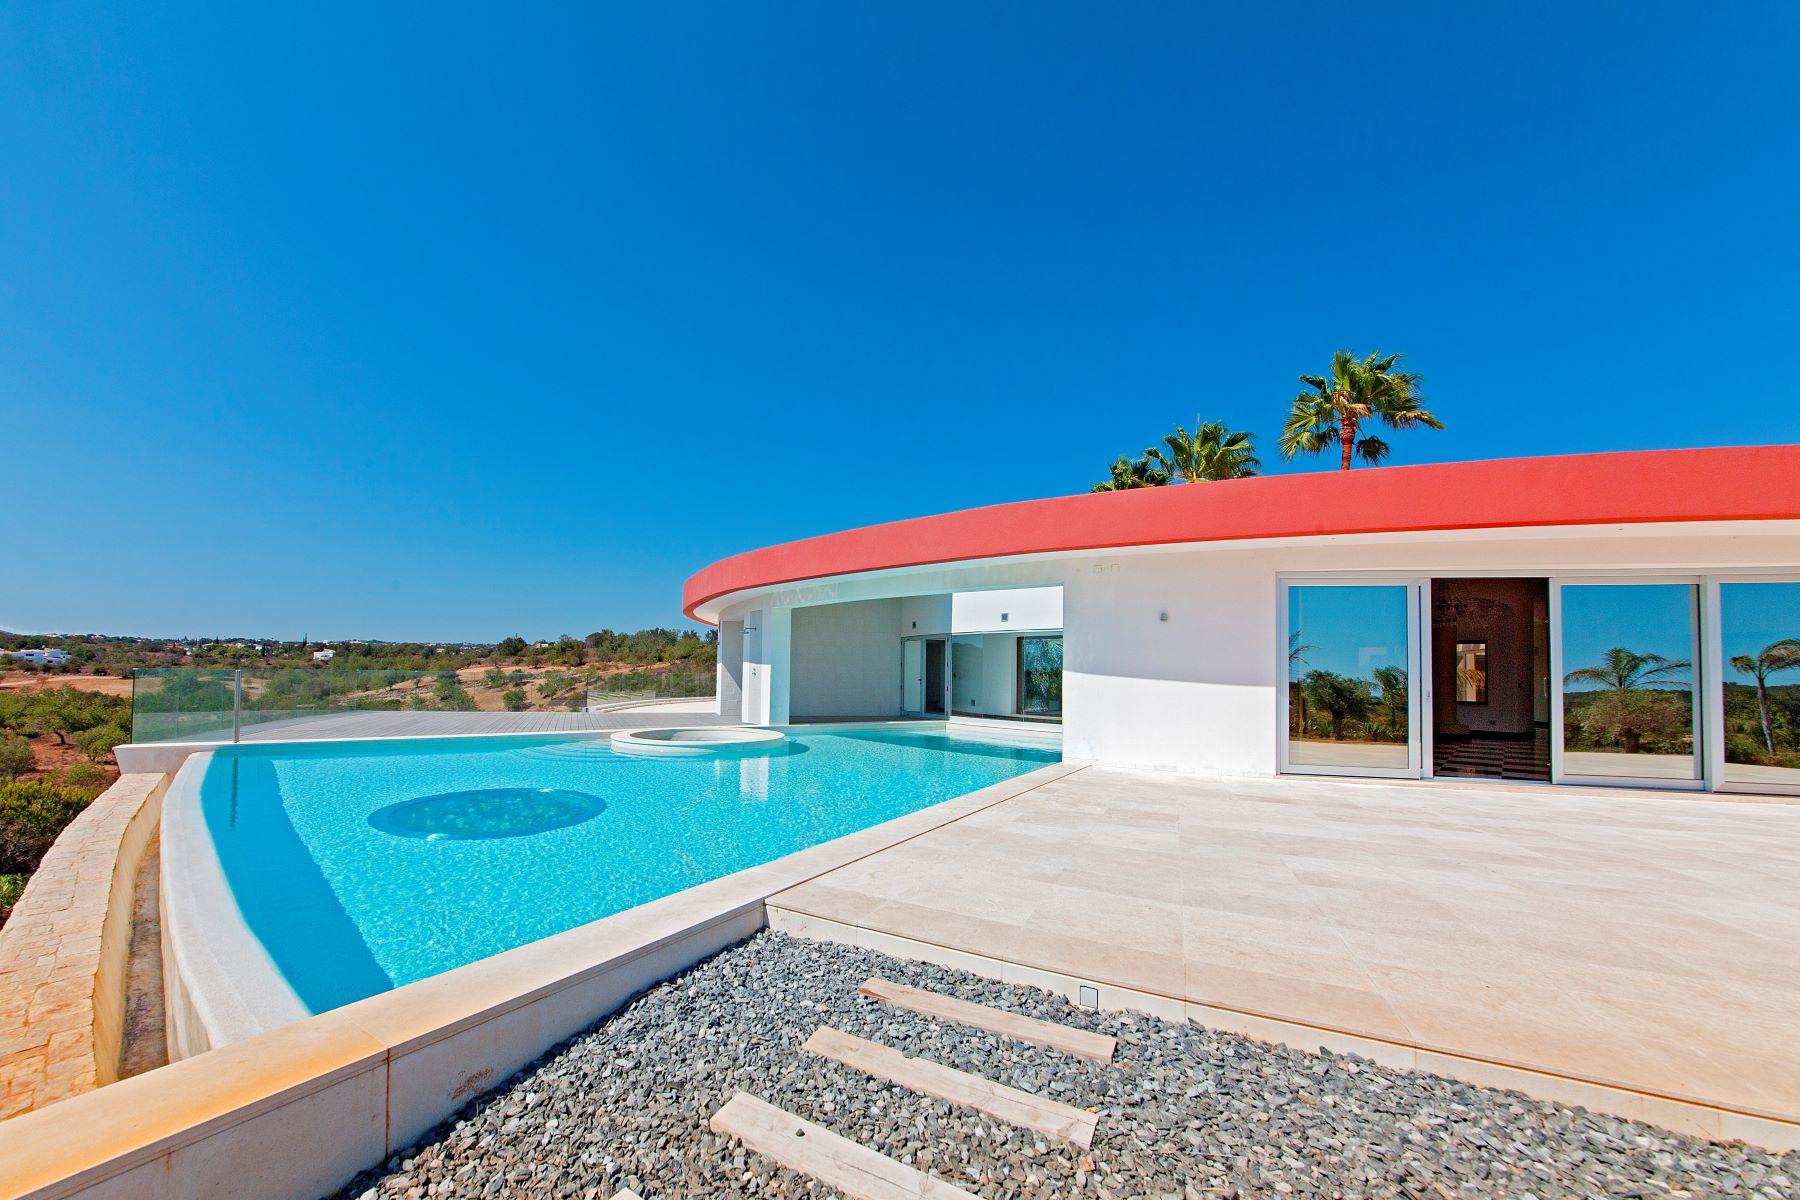 Maison unifamiliale pour l à vendre à Detached house, 10 bedrooms, for Sale Loule, Algarve, Portugal